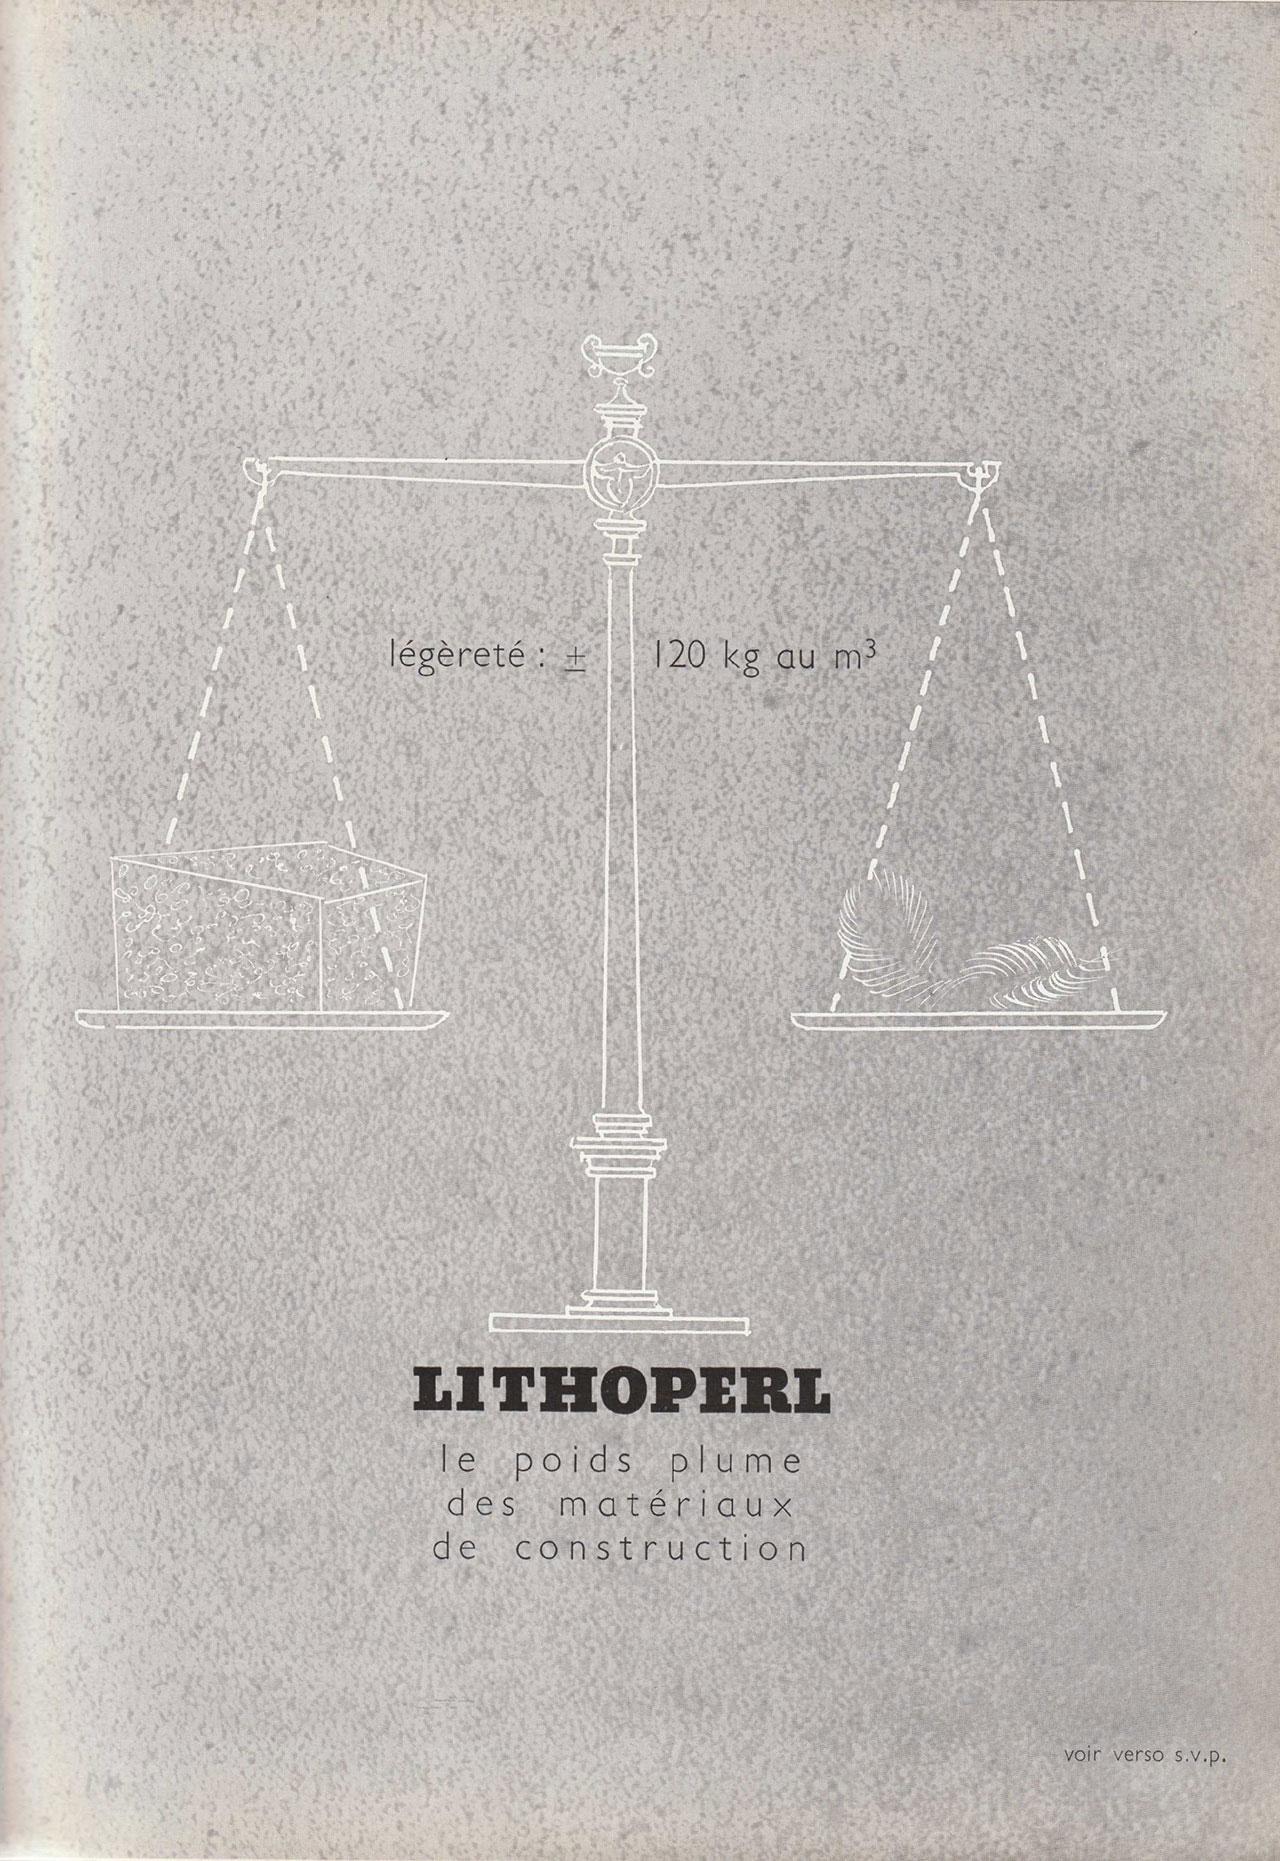 Lithorpel